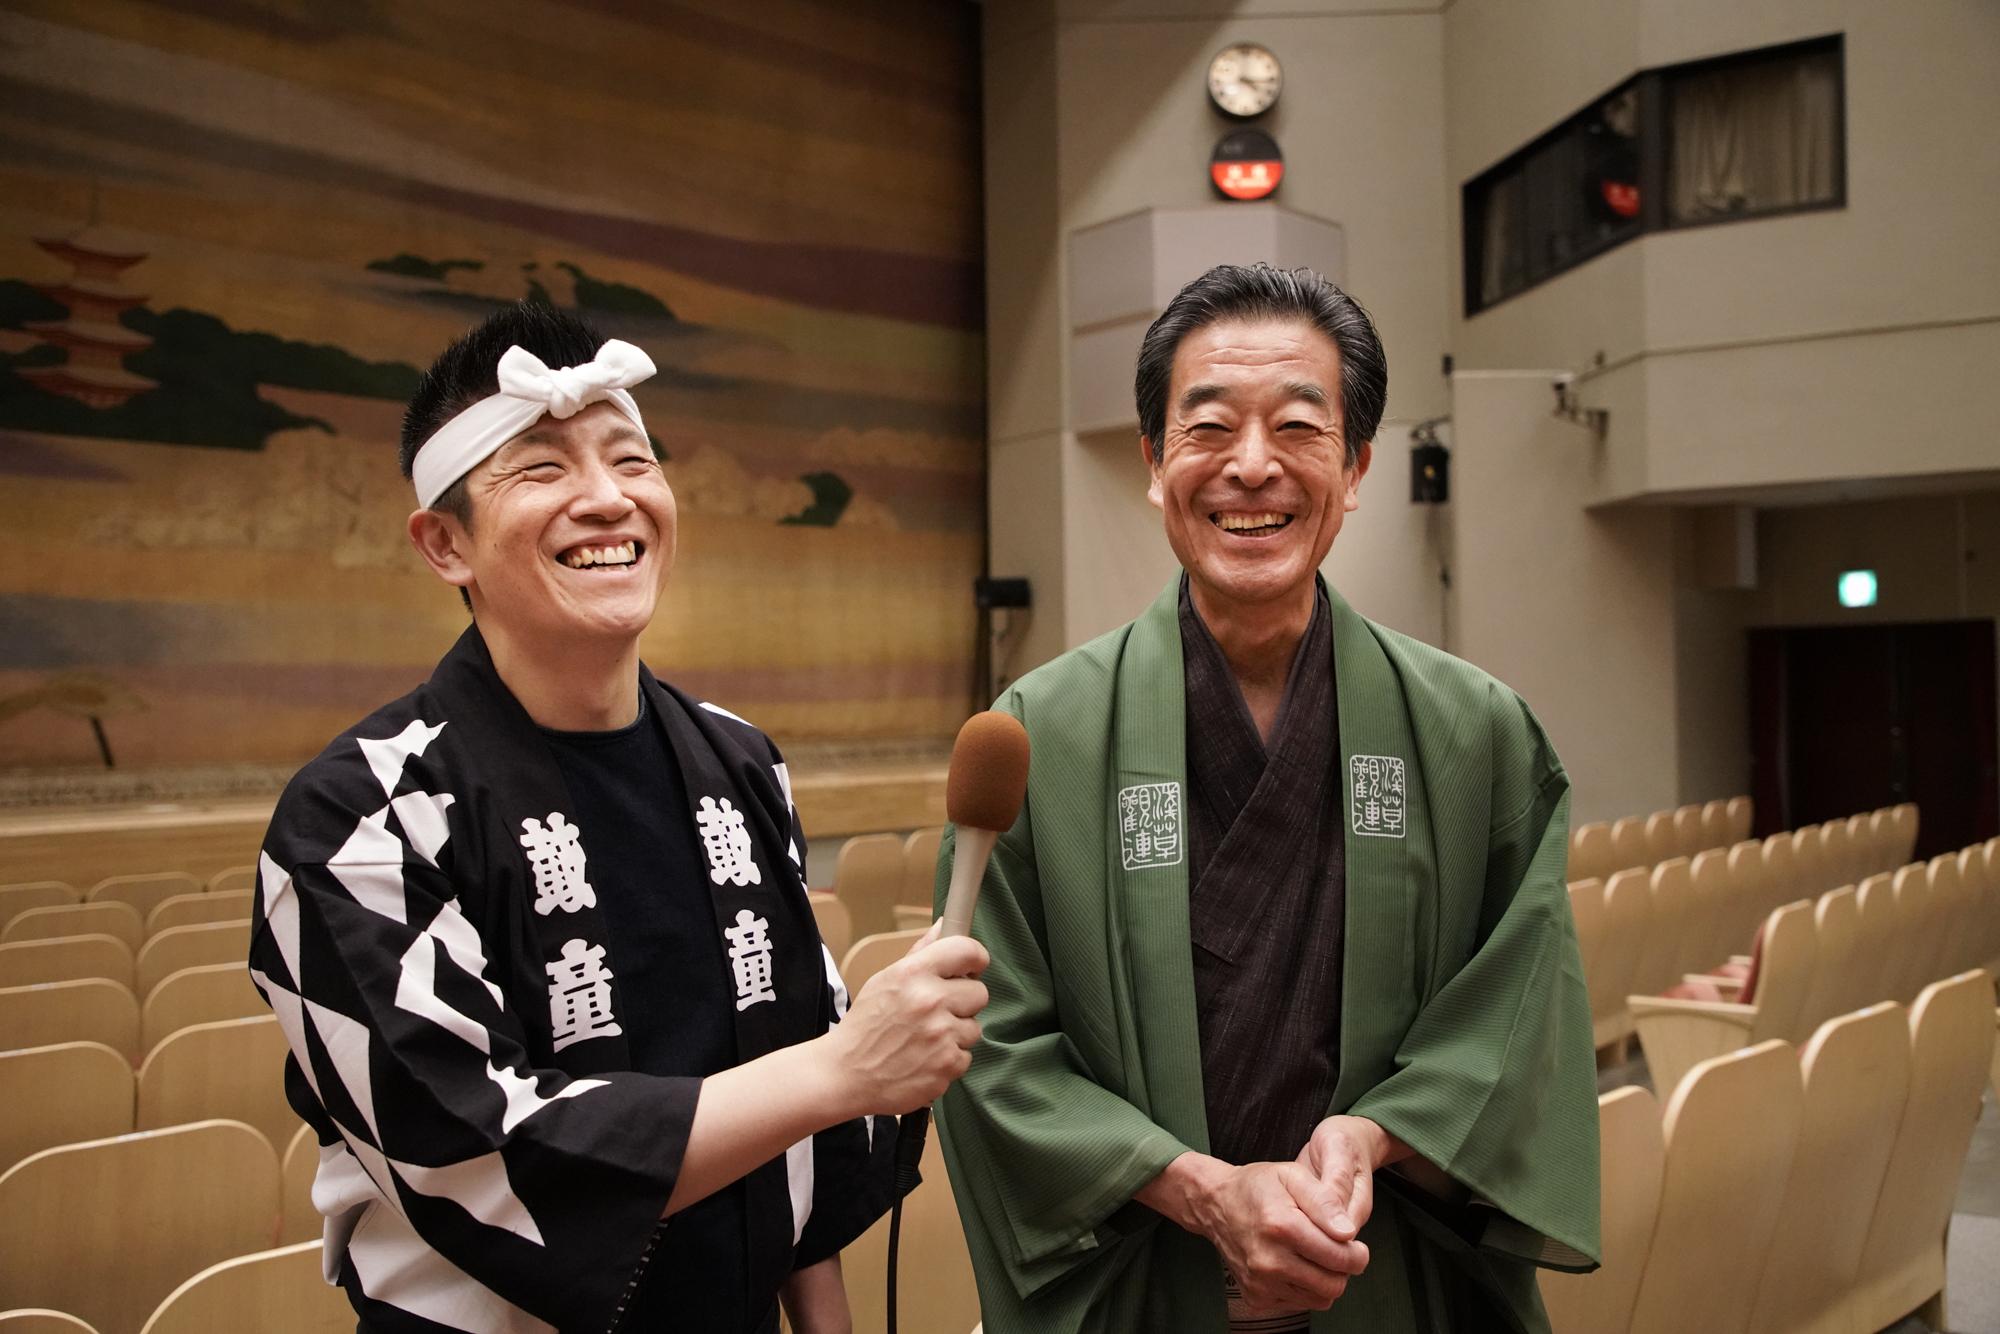 左から 船橋裕一郎、冨士滋美 撮影=岡本隆史(Takashi Okamoto)